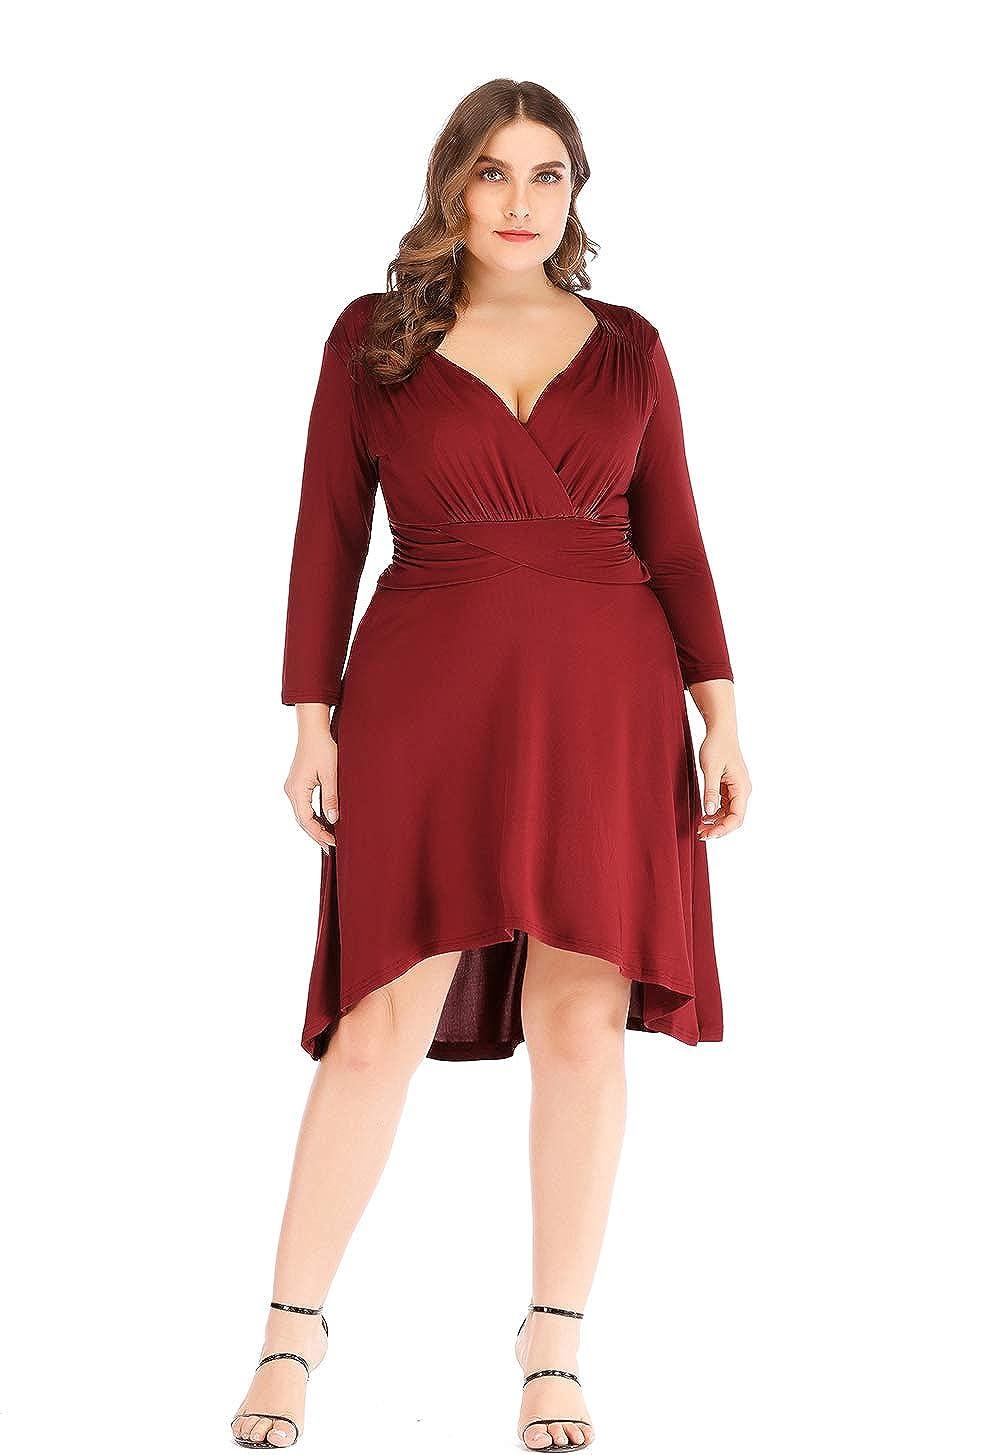 7e99ac65dff Amazon.co.uk: plus size evening dresses: Clothing